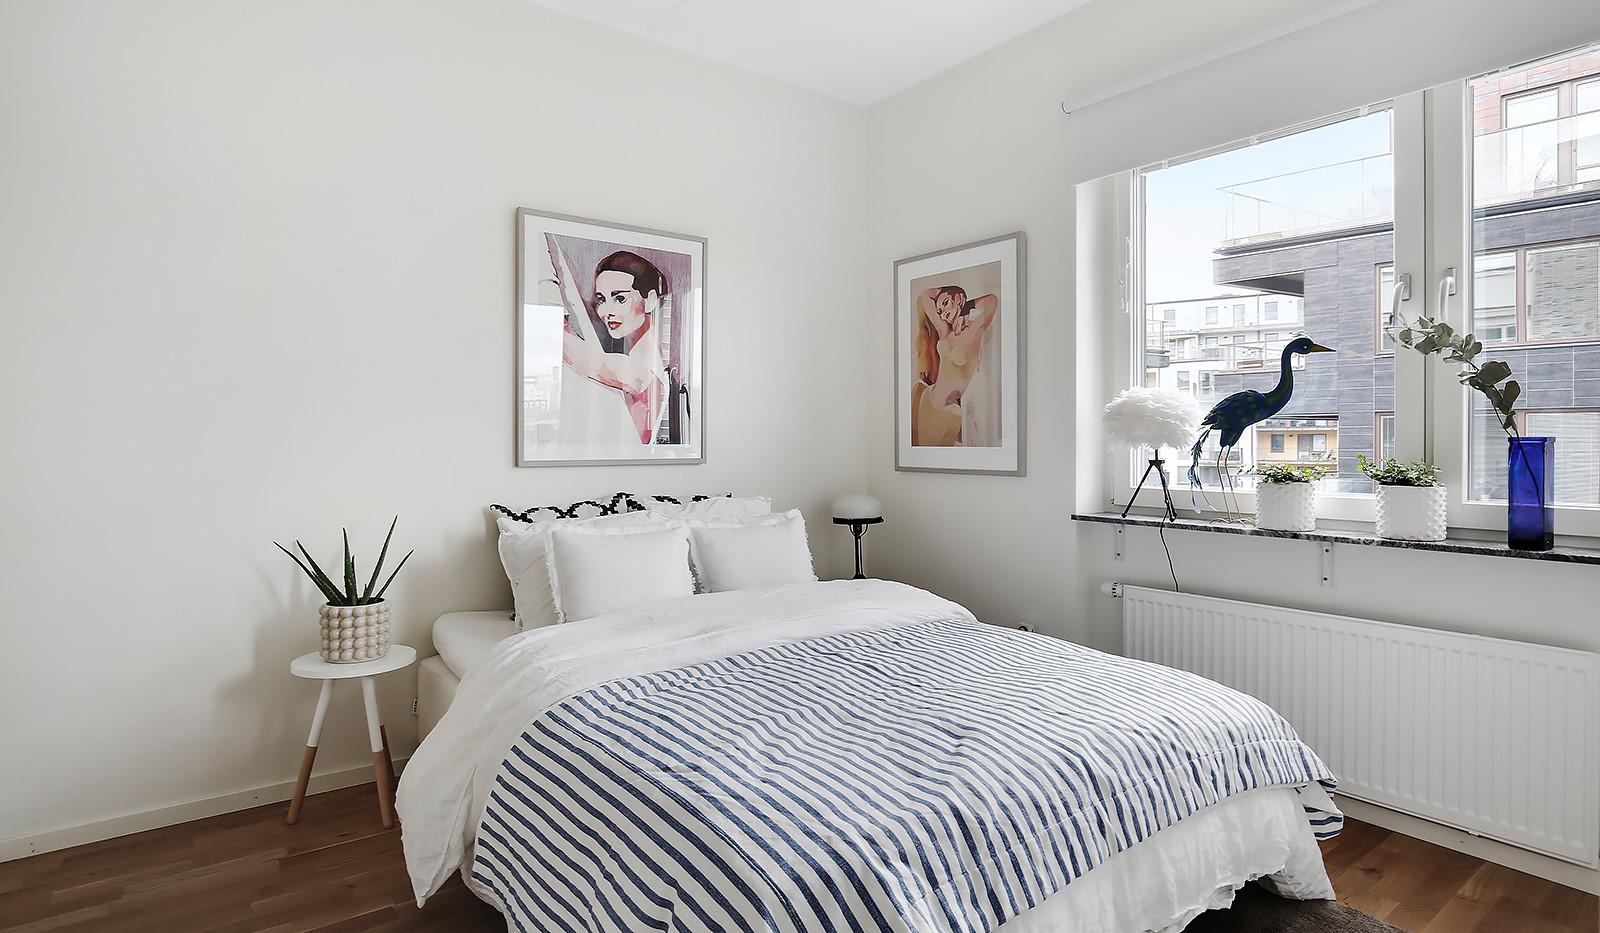 Fredriksdalsgatan 24, vån 6 - Rofullt sovrum med plats för dubbelsäng